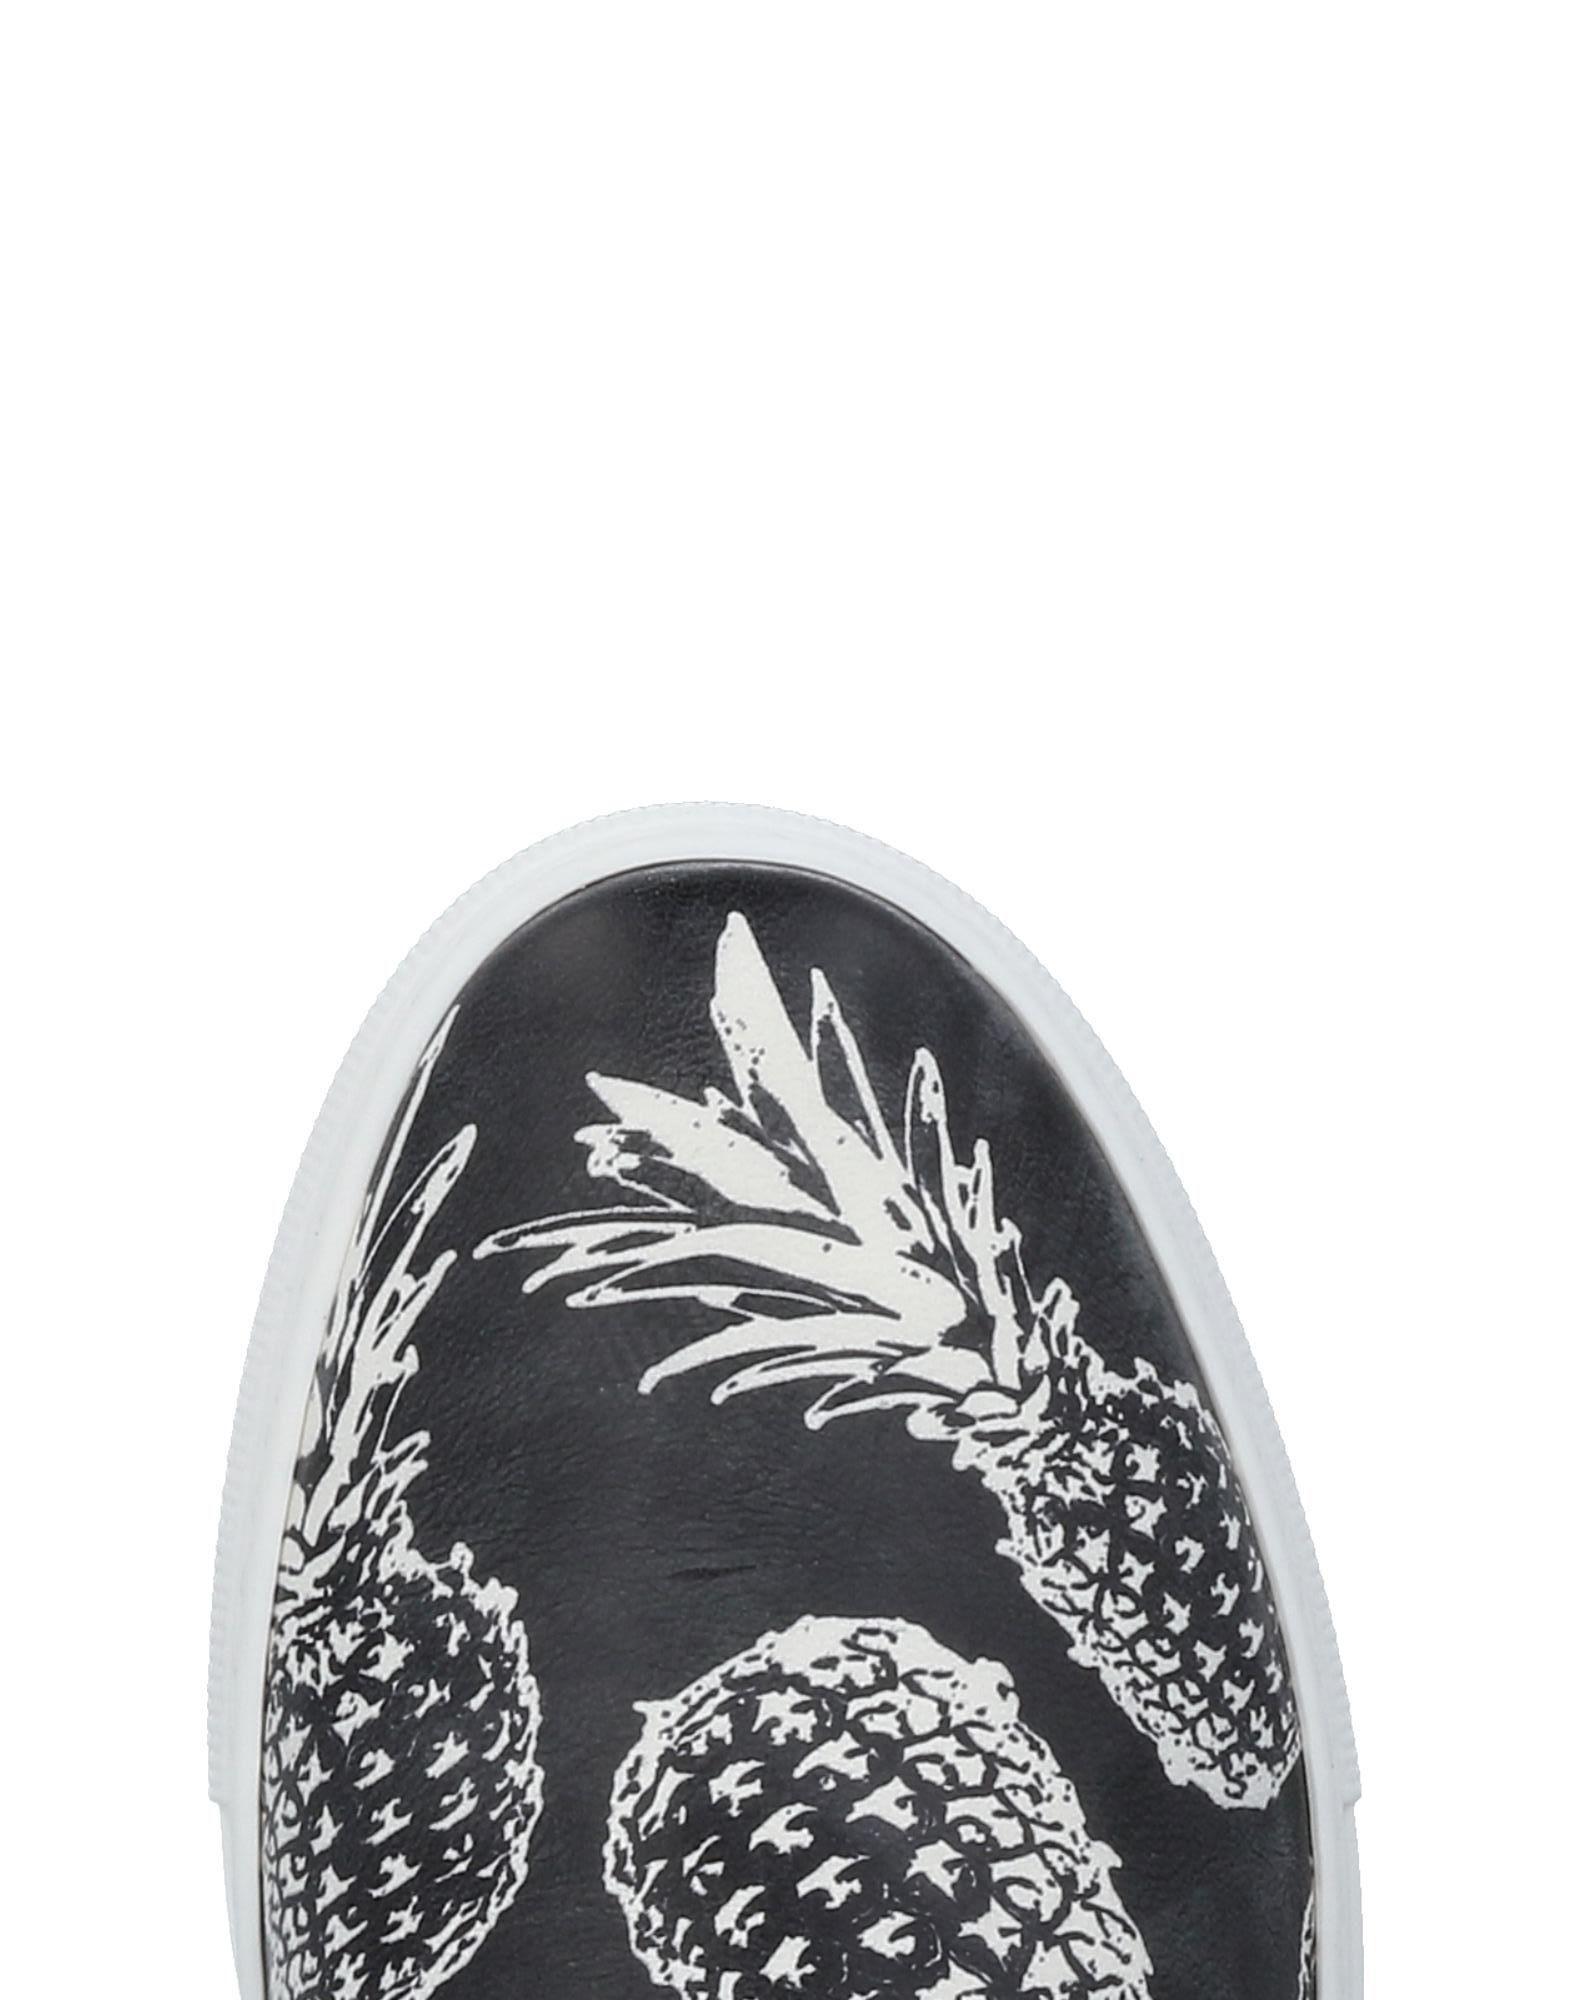 Stokton Stokton Stokton Sneakers Damen Gutes Preis-Leistungs-Verhältnis, es lohnt sich 48e99a